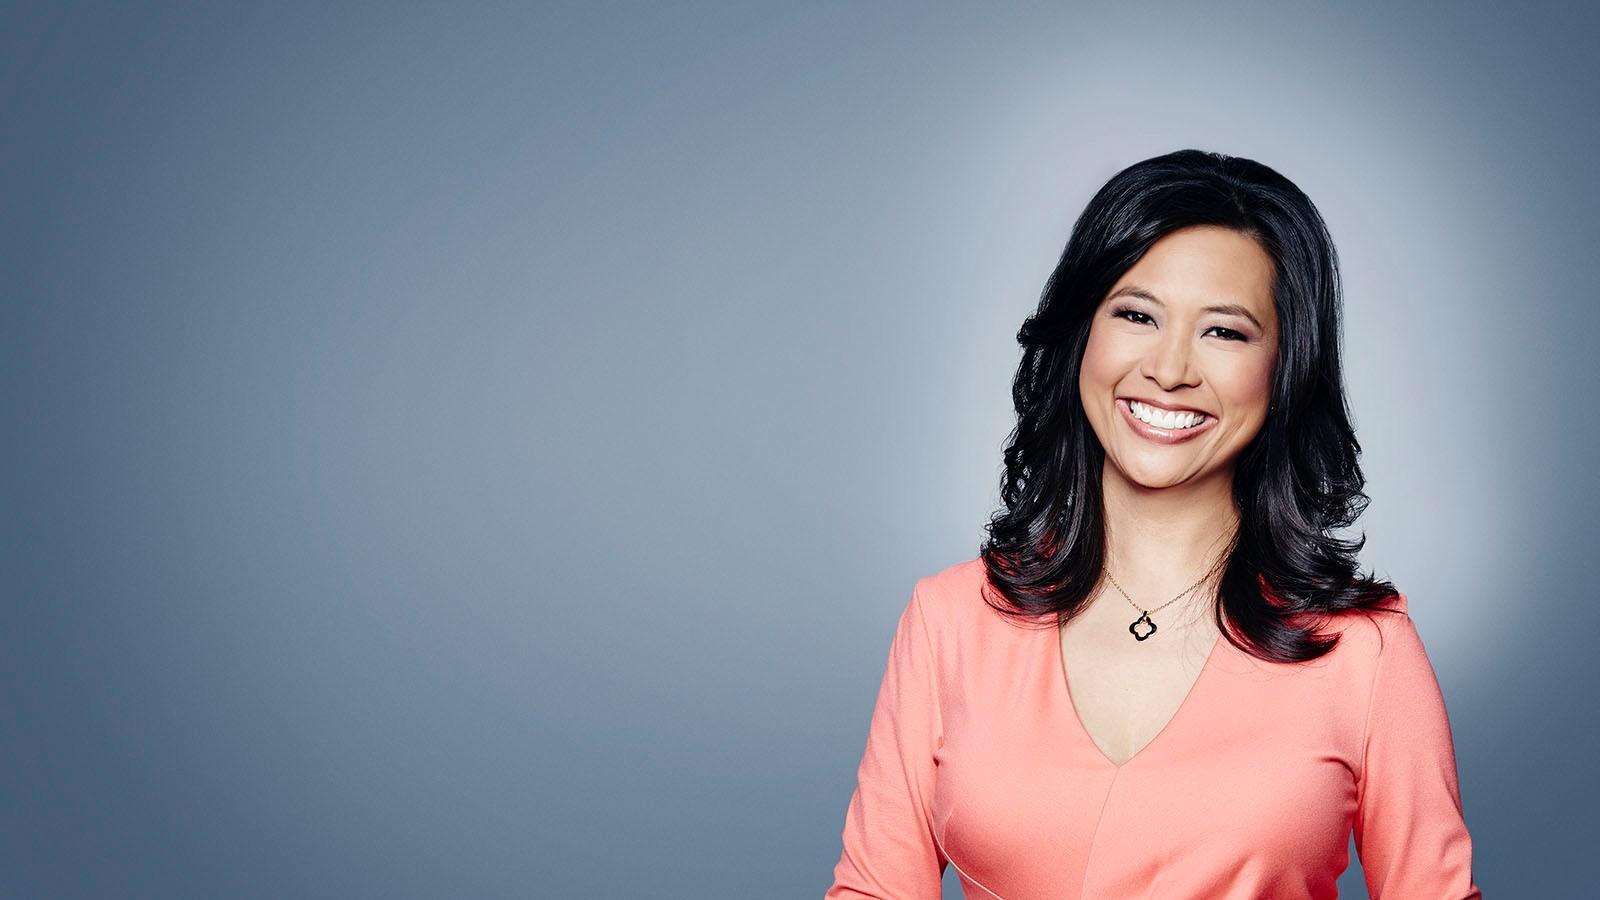 CNN journalist Maribel Aber